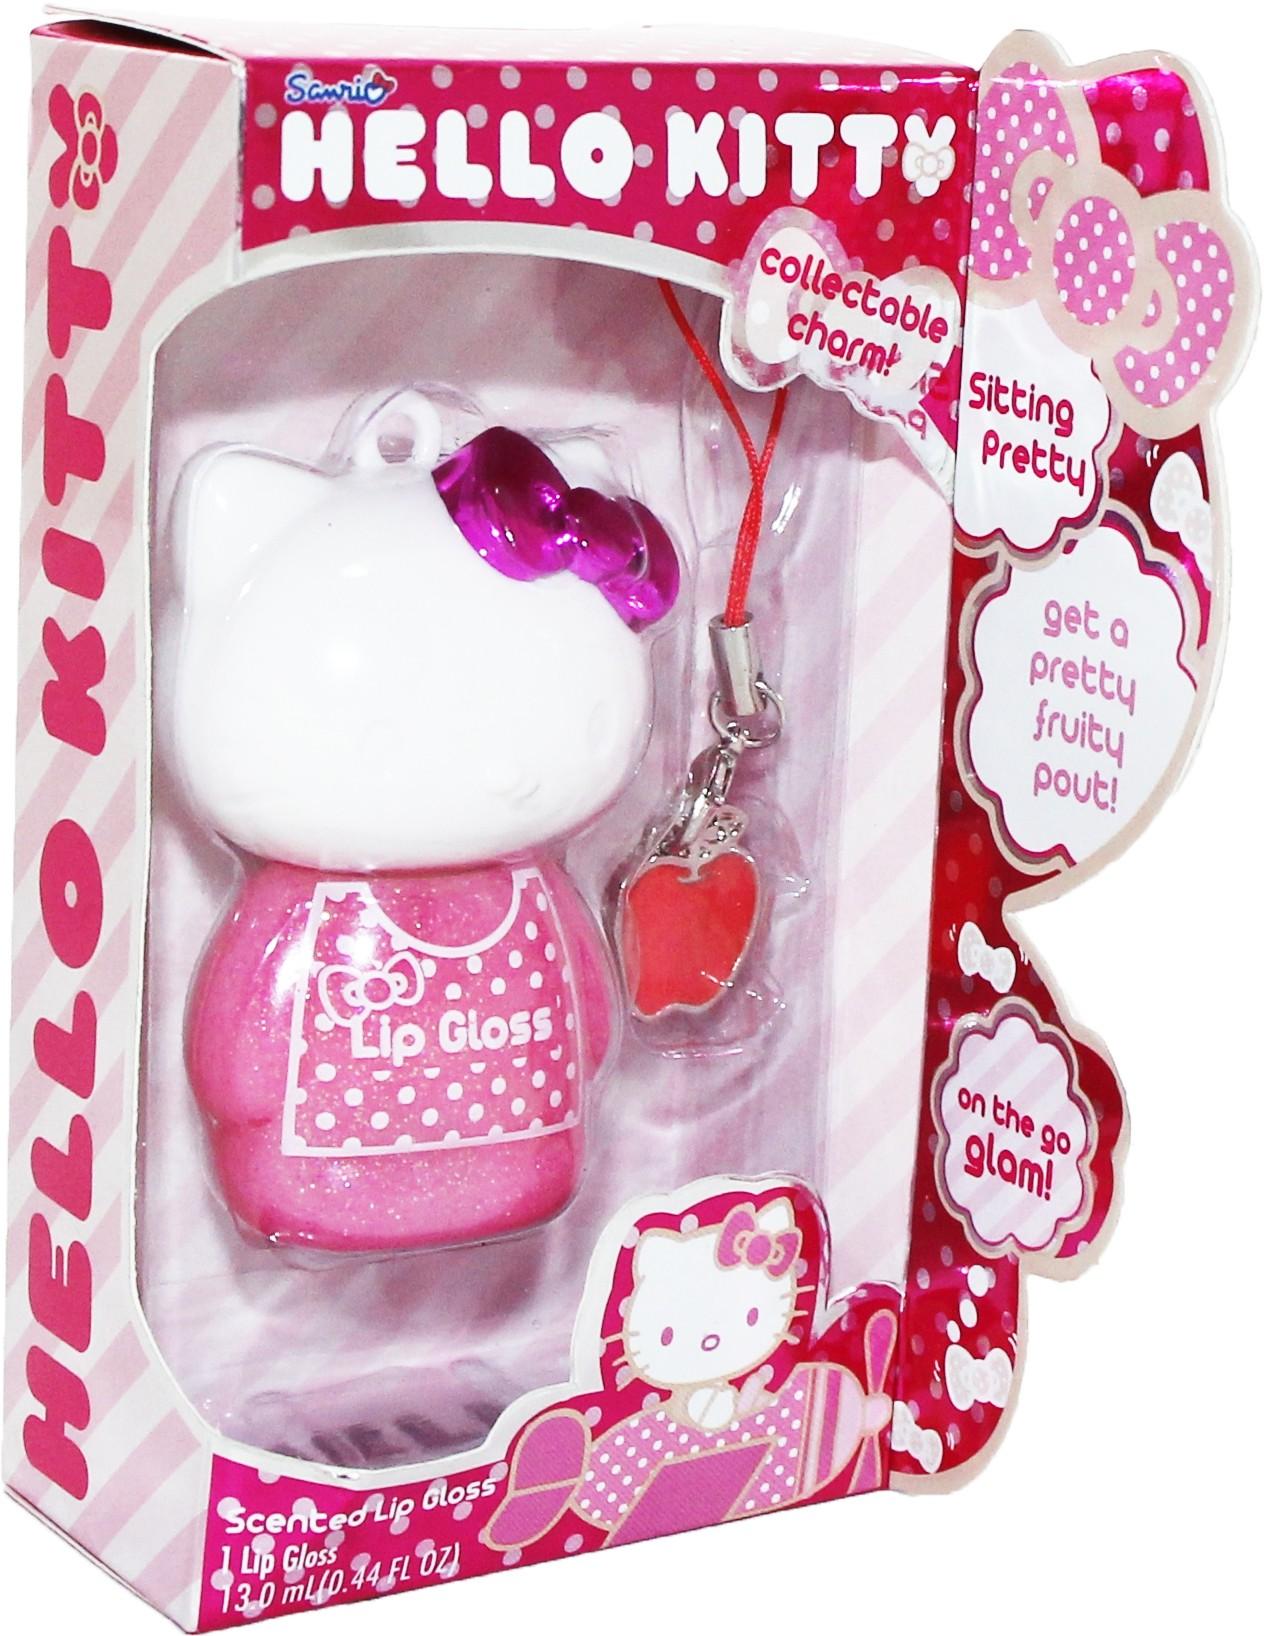 Наборы косметики Markwins Hello Kitty Розовый перламутр hello kitty hellokitty детские школьные сумки прекрасный свежий и простой случайный легкий рюкзак школьный ktm0003b розовый